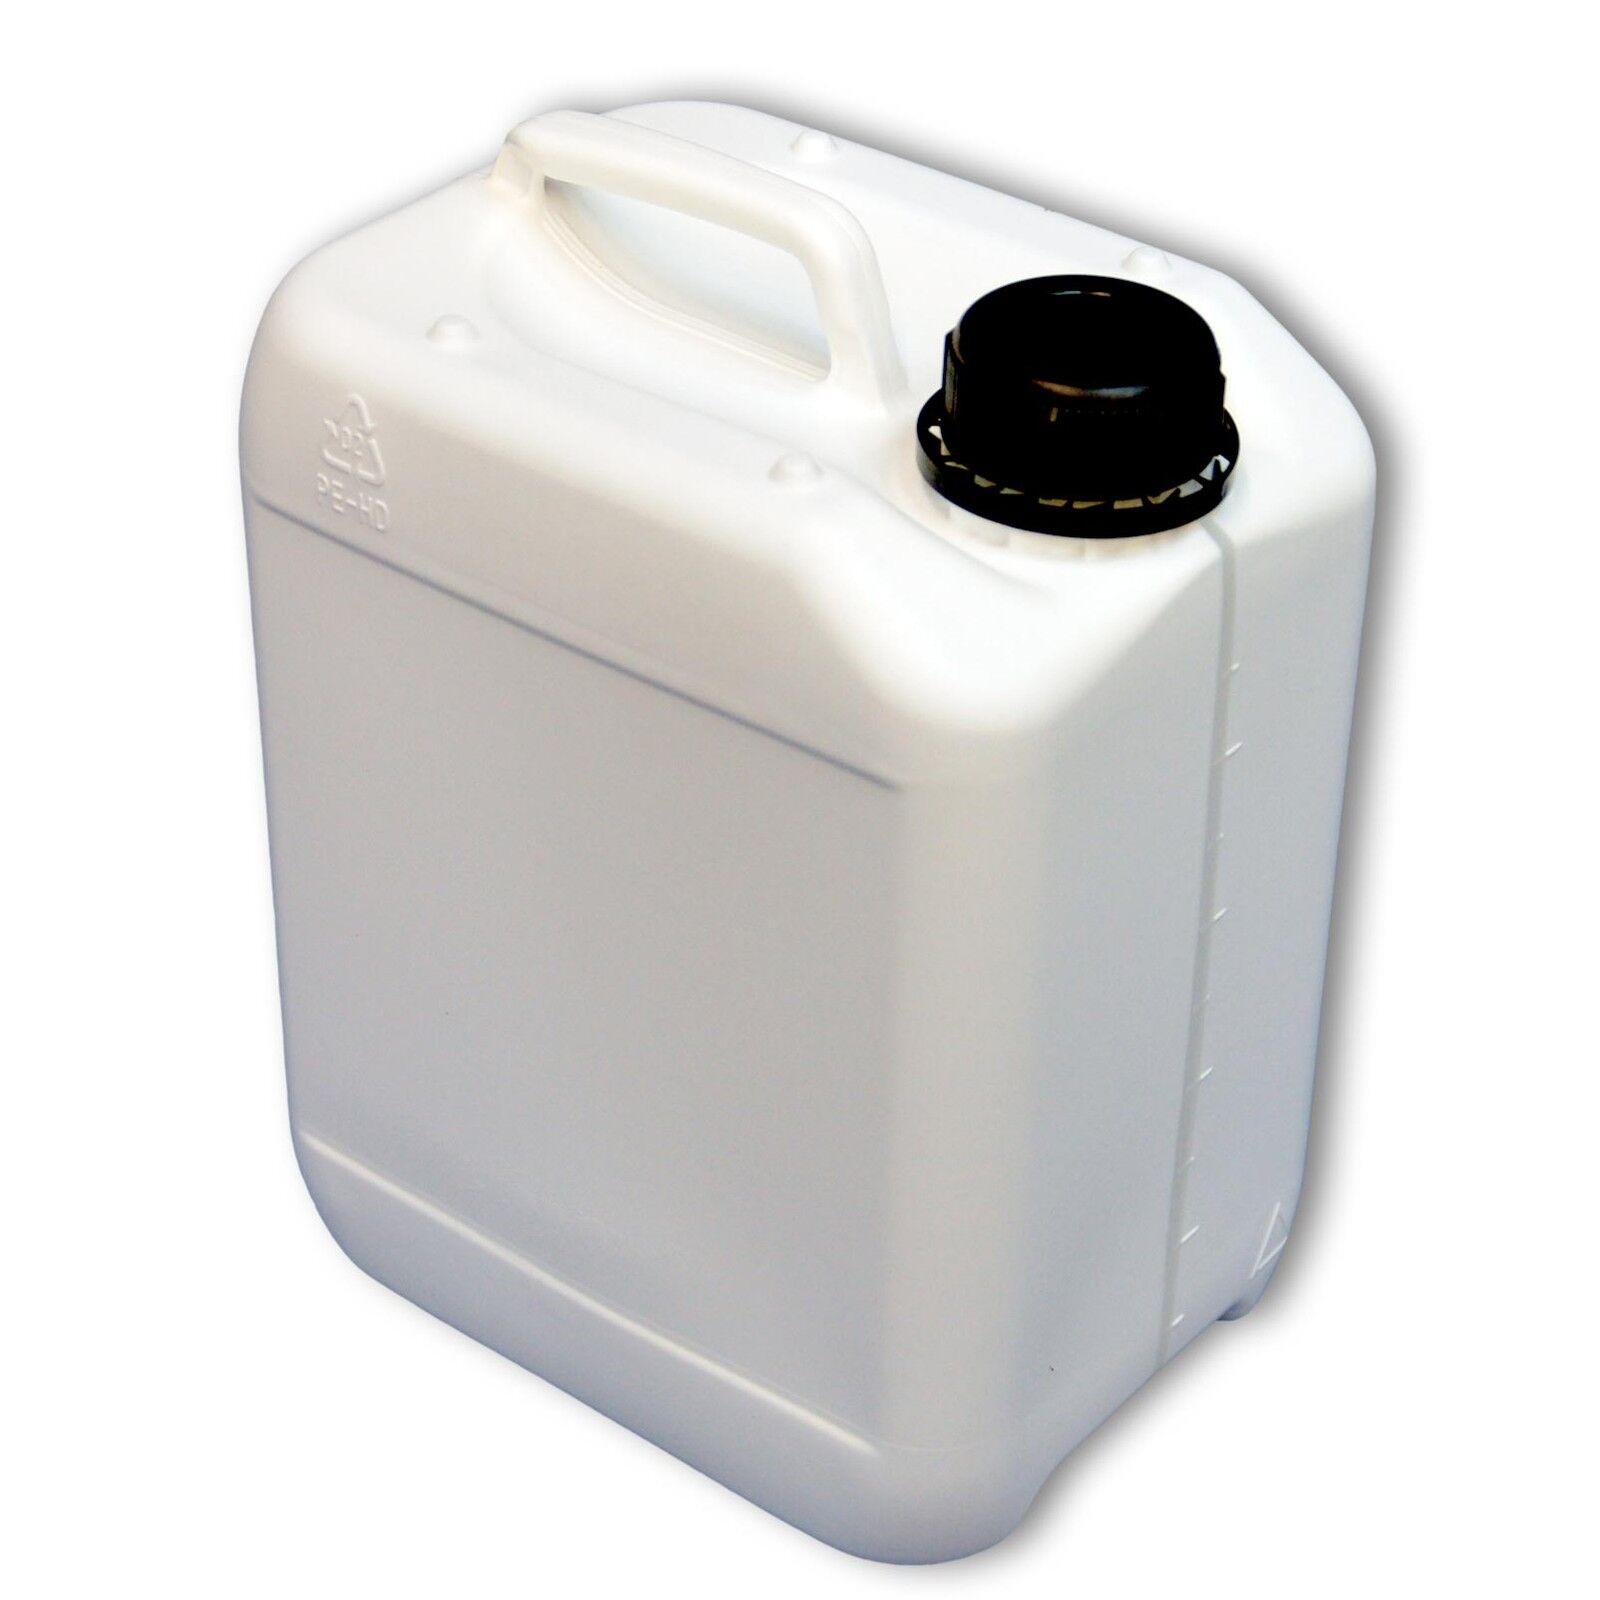 Bidon plastique 5 L, DIN45 Blanc Blanc DIN45 gradué, PEHD, fabriqué en Allemagne (22024) 92c006